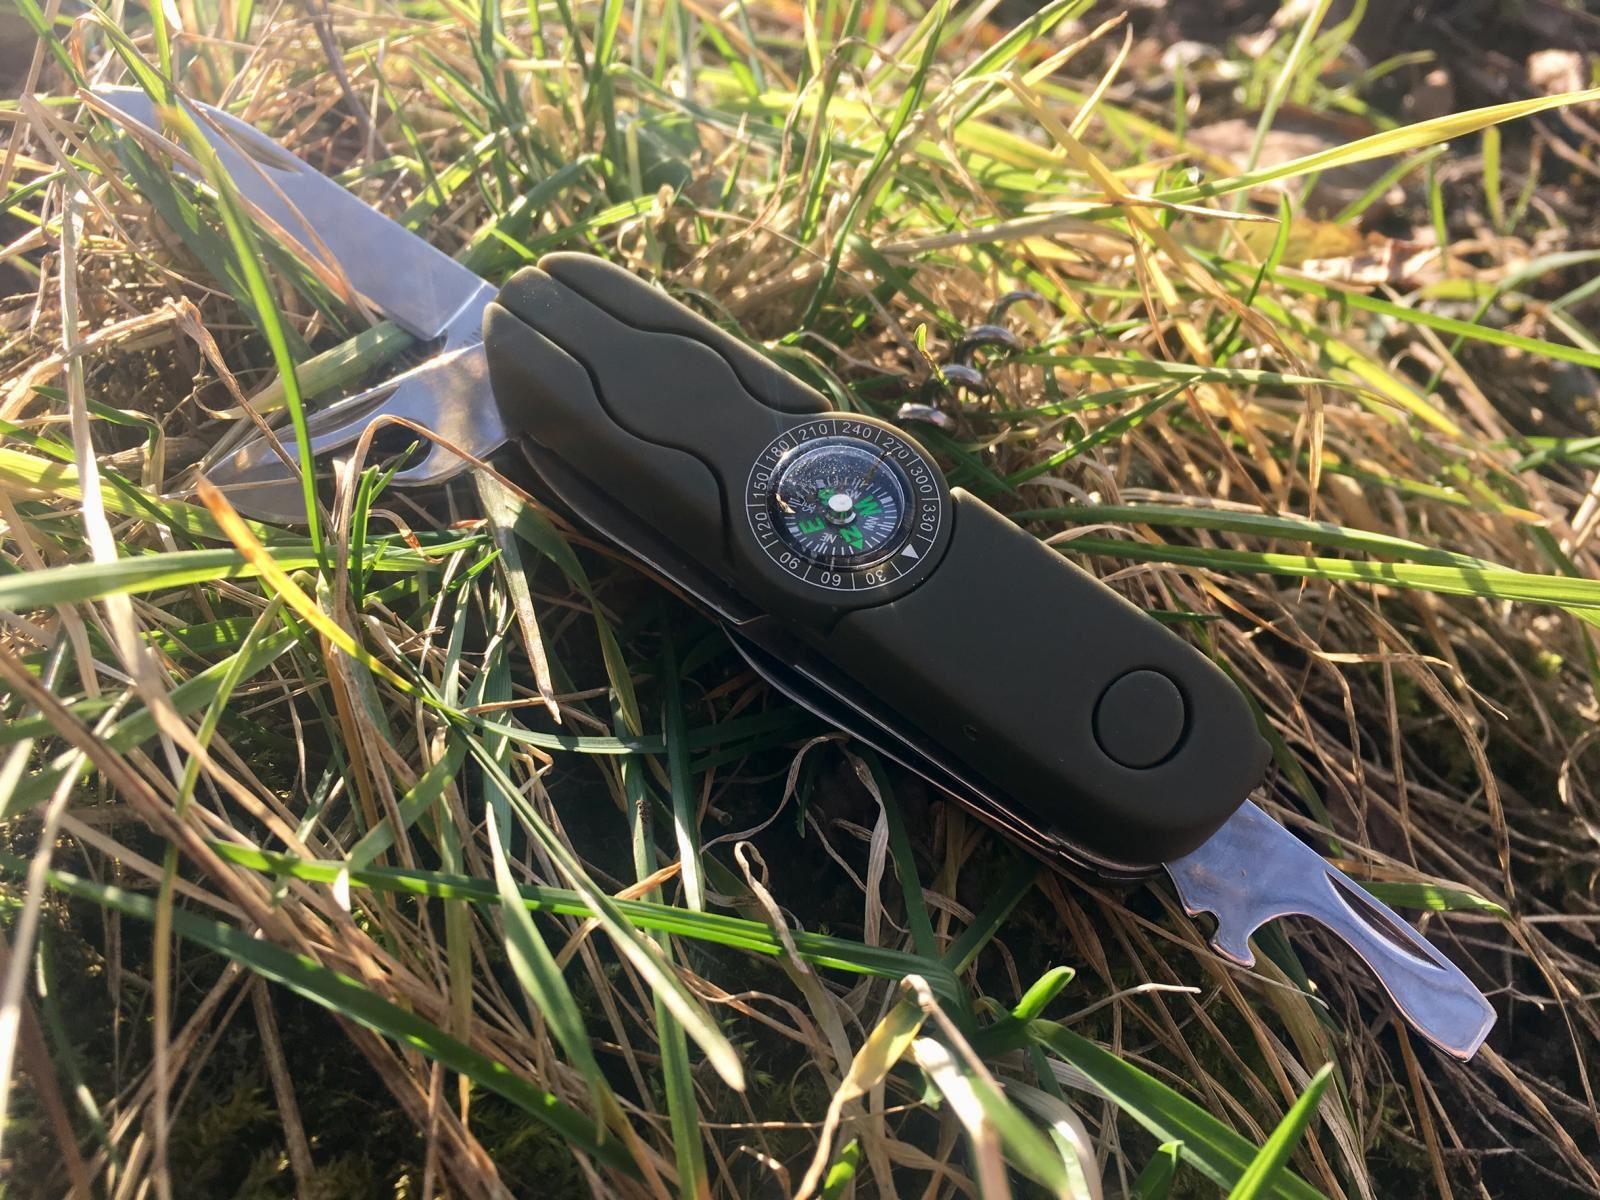 Svítící kapesní nůž s kompasem